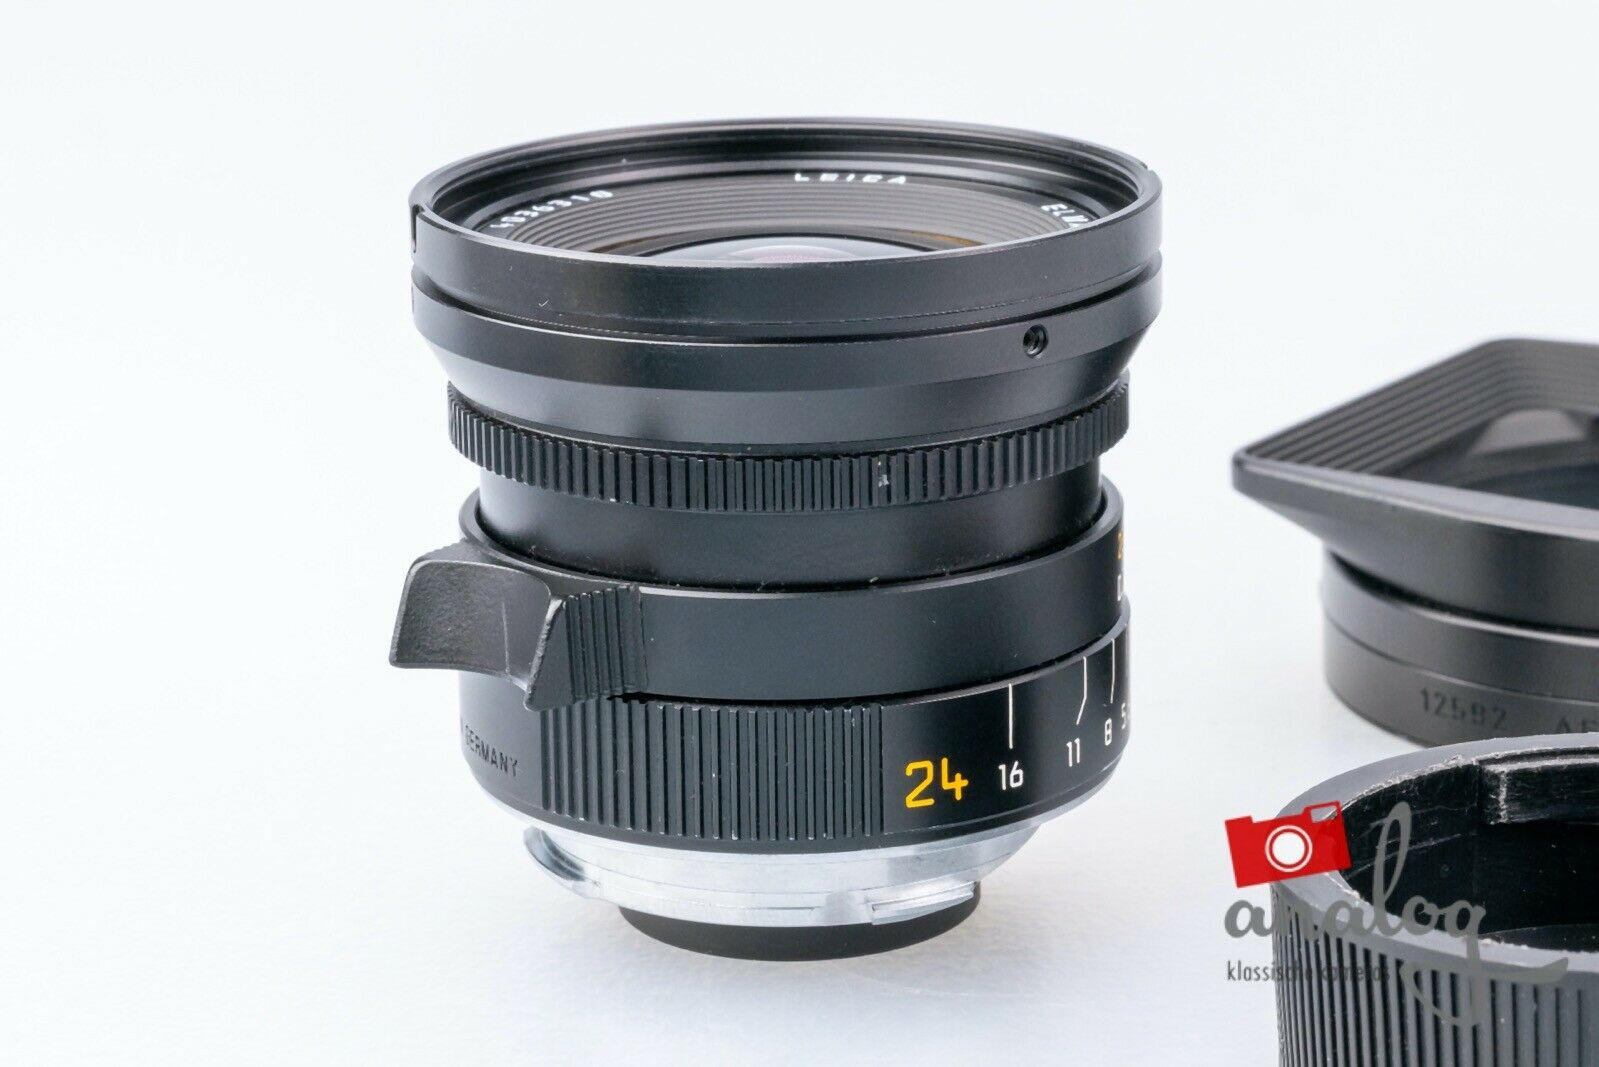 Leica Elmarit-M 24mm 2.8 ASPH. E55 - 11878